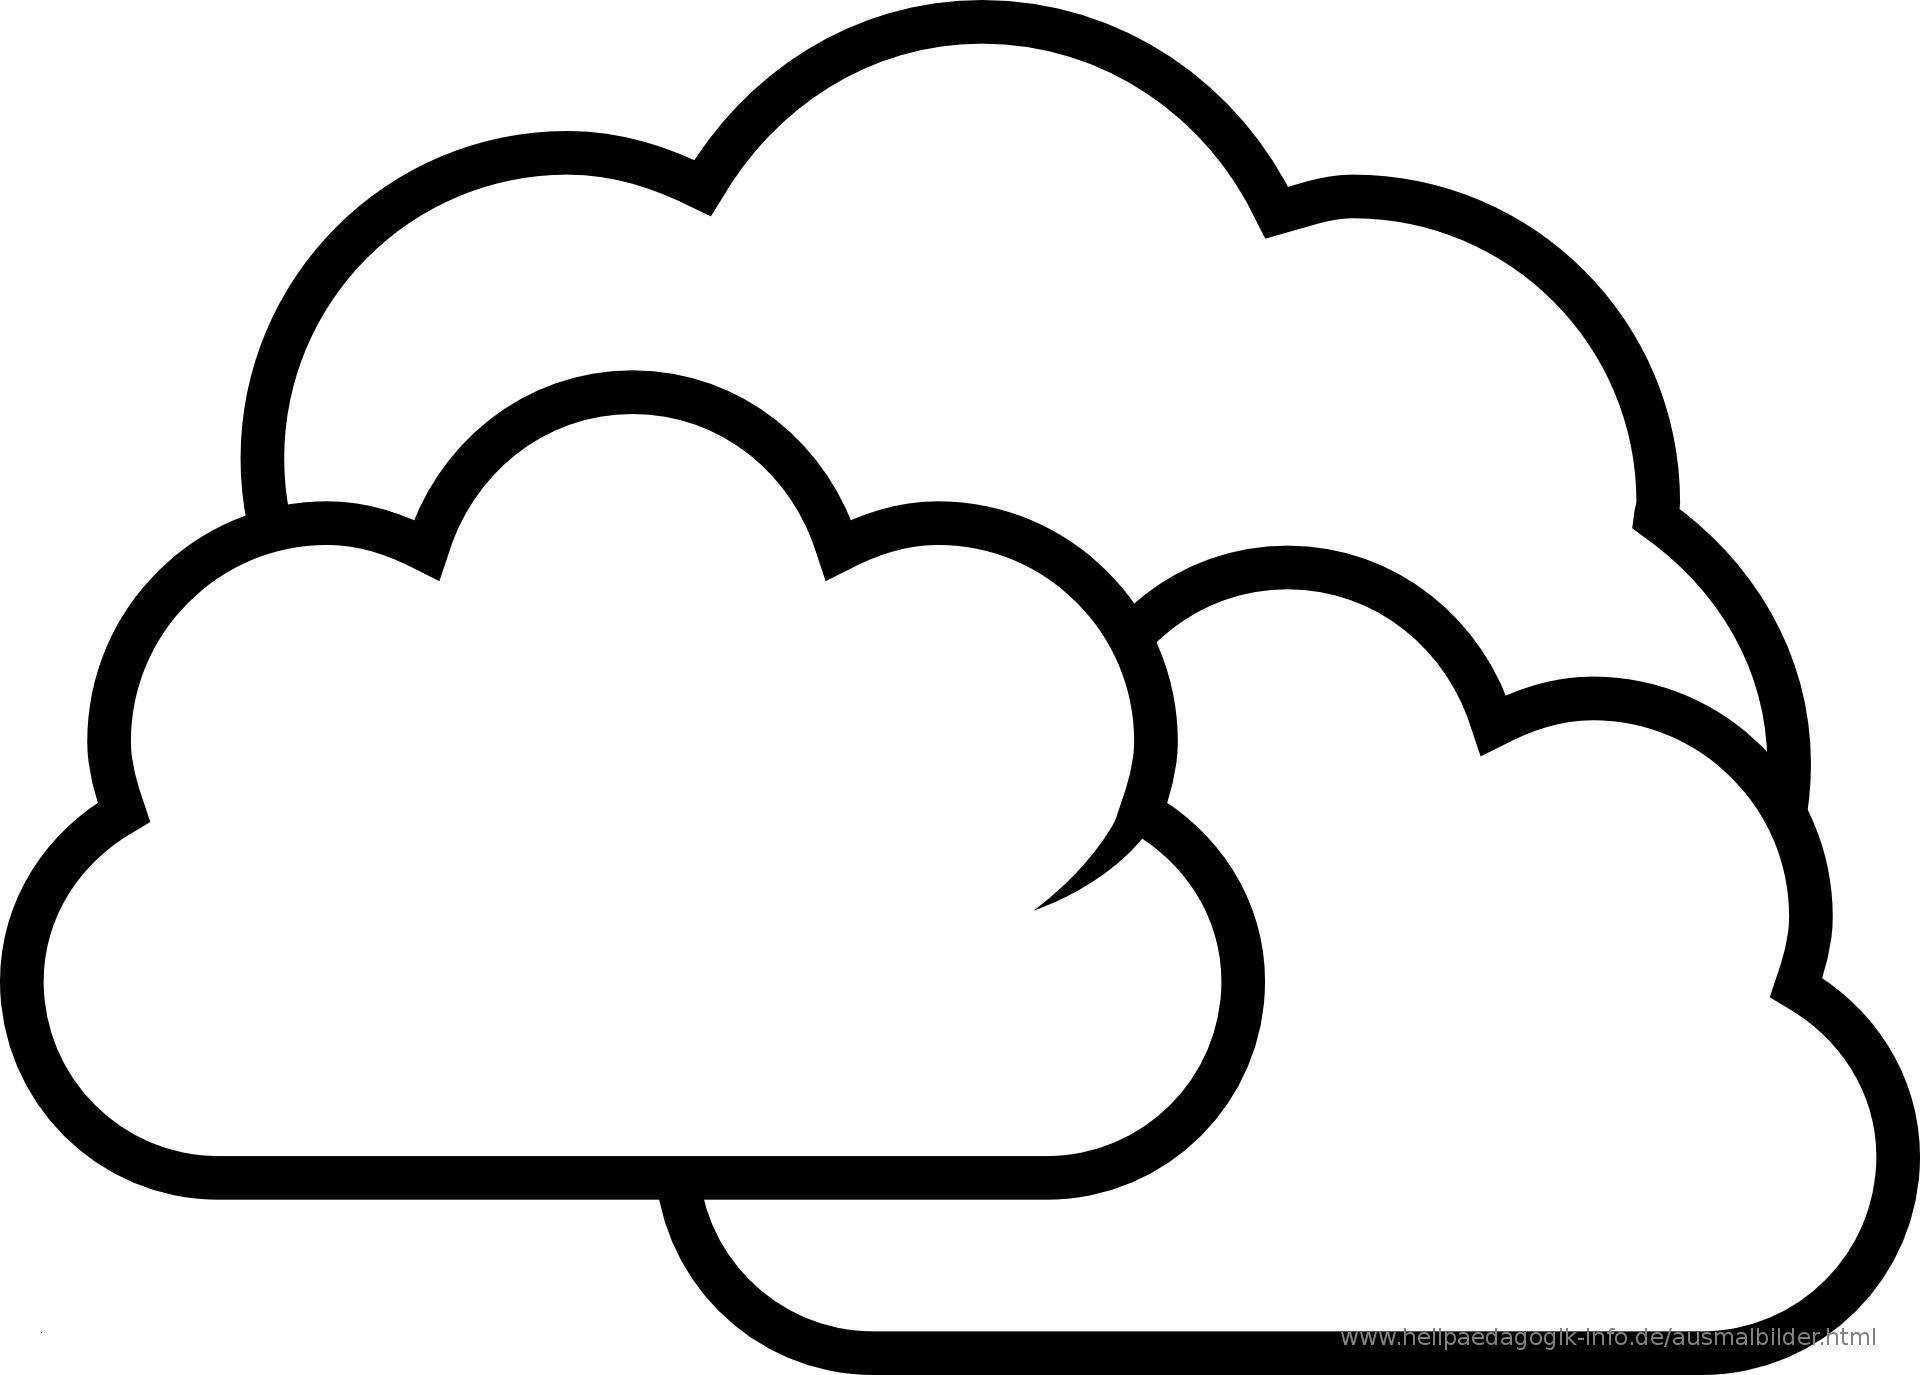 Wolke Zum Ausmalen Das Beste Von Ausmalbilder Wolke Beautiful 35 Ausmalbilder Wolken Scoredatscore Bild